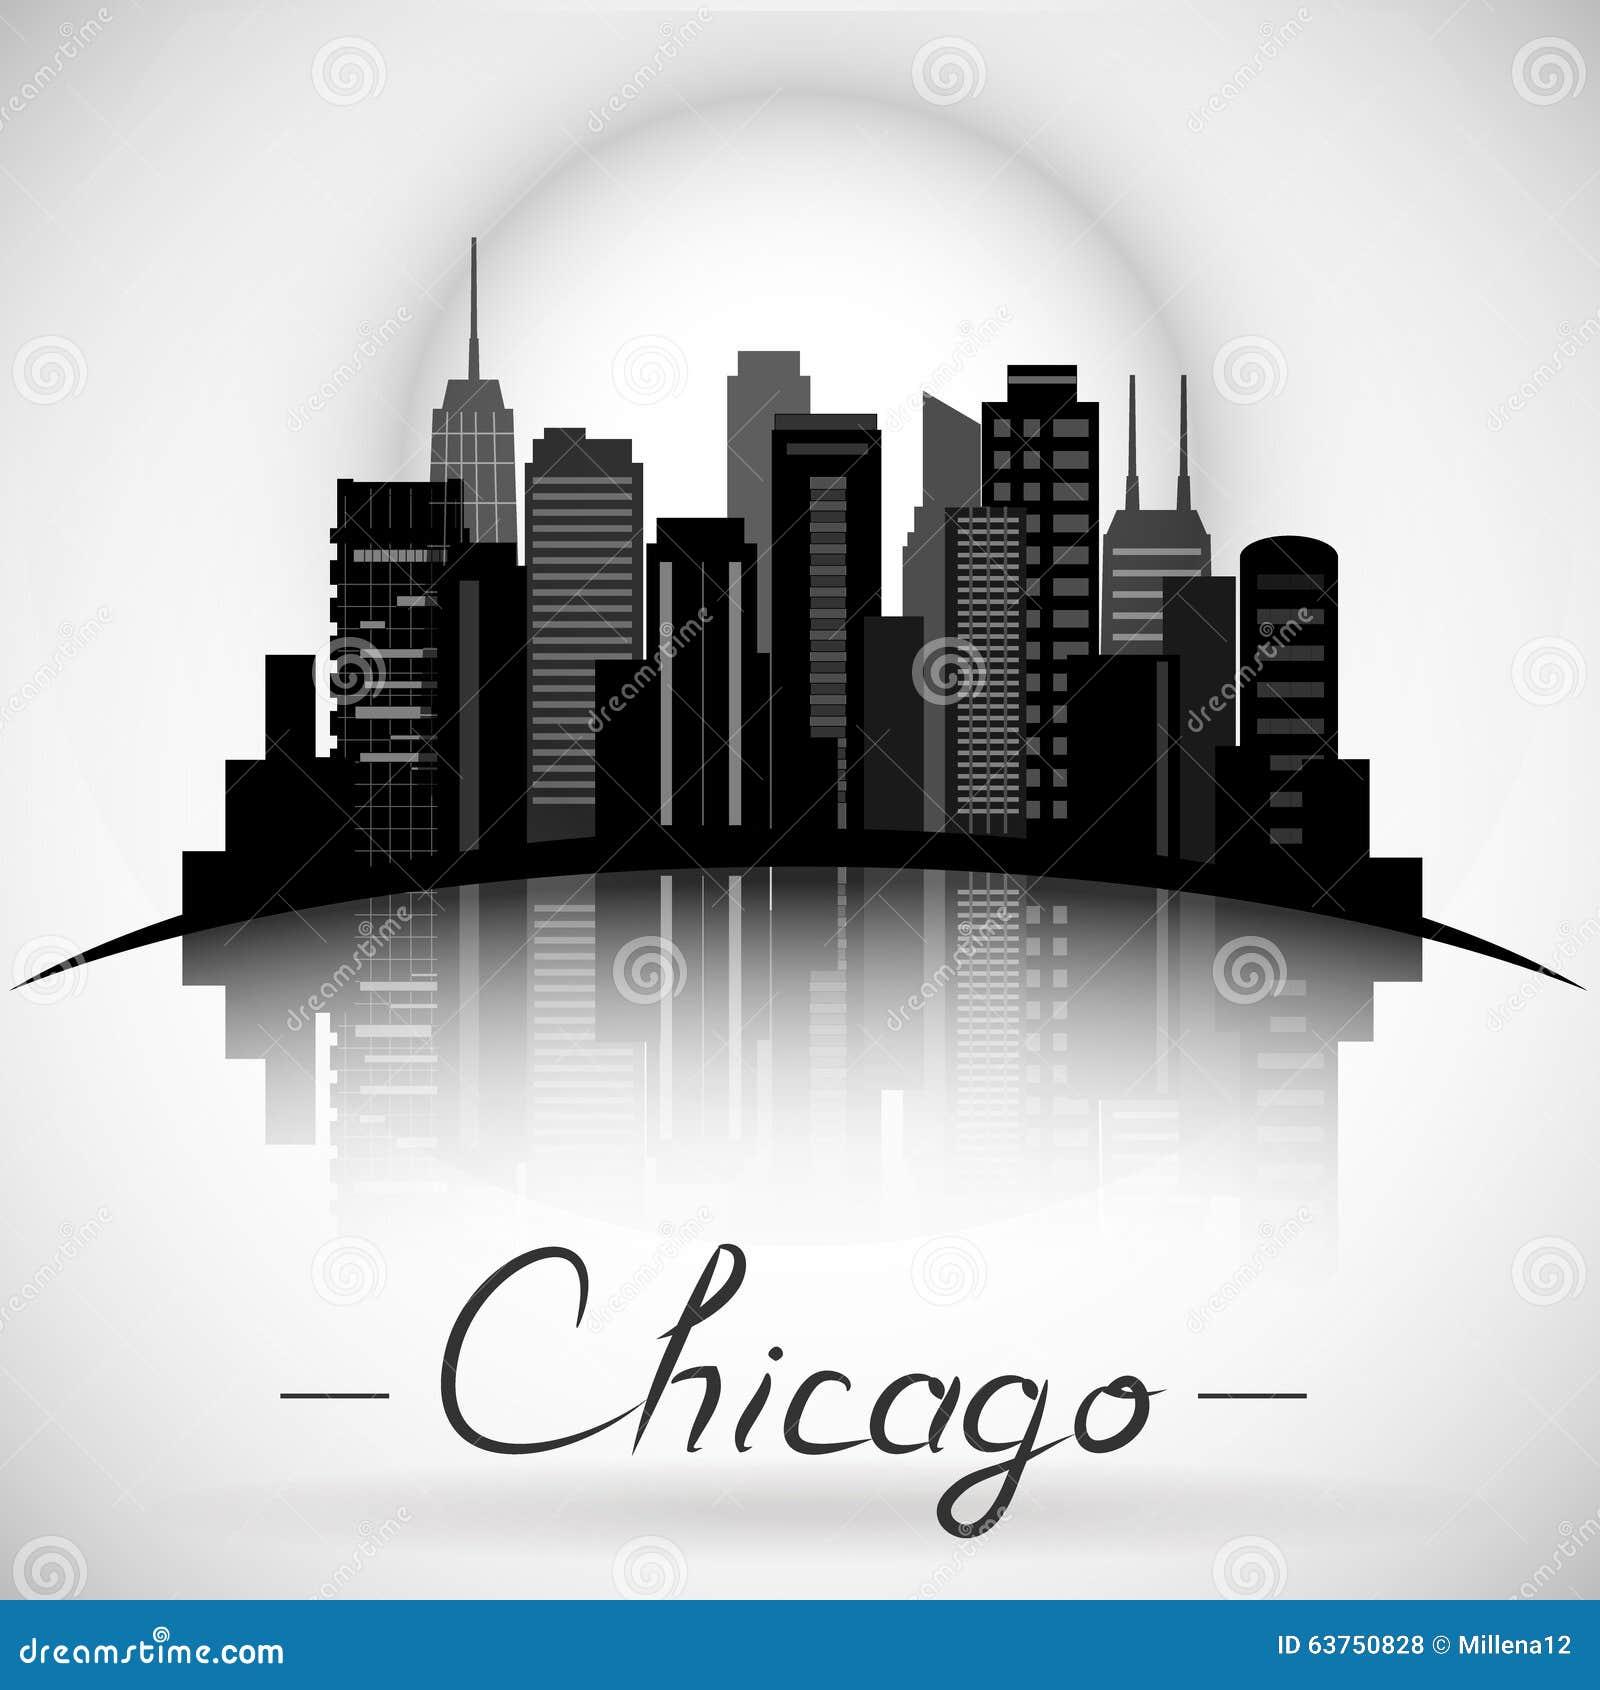 Силуэт горизонта города Чикаго Иллинойса Типографская конструкция